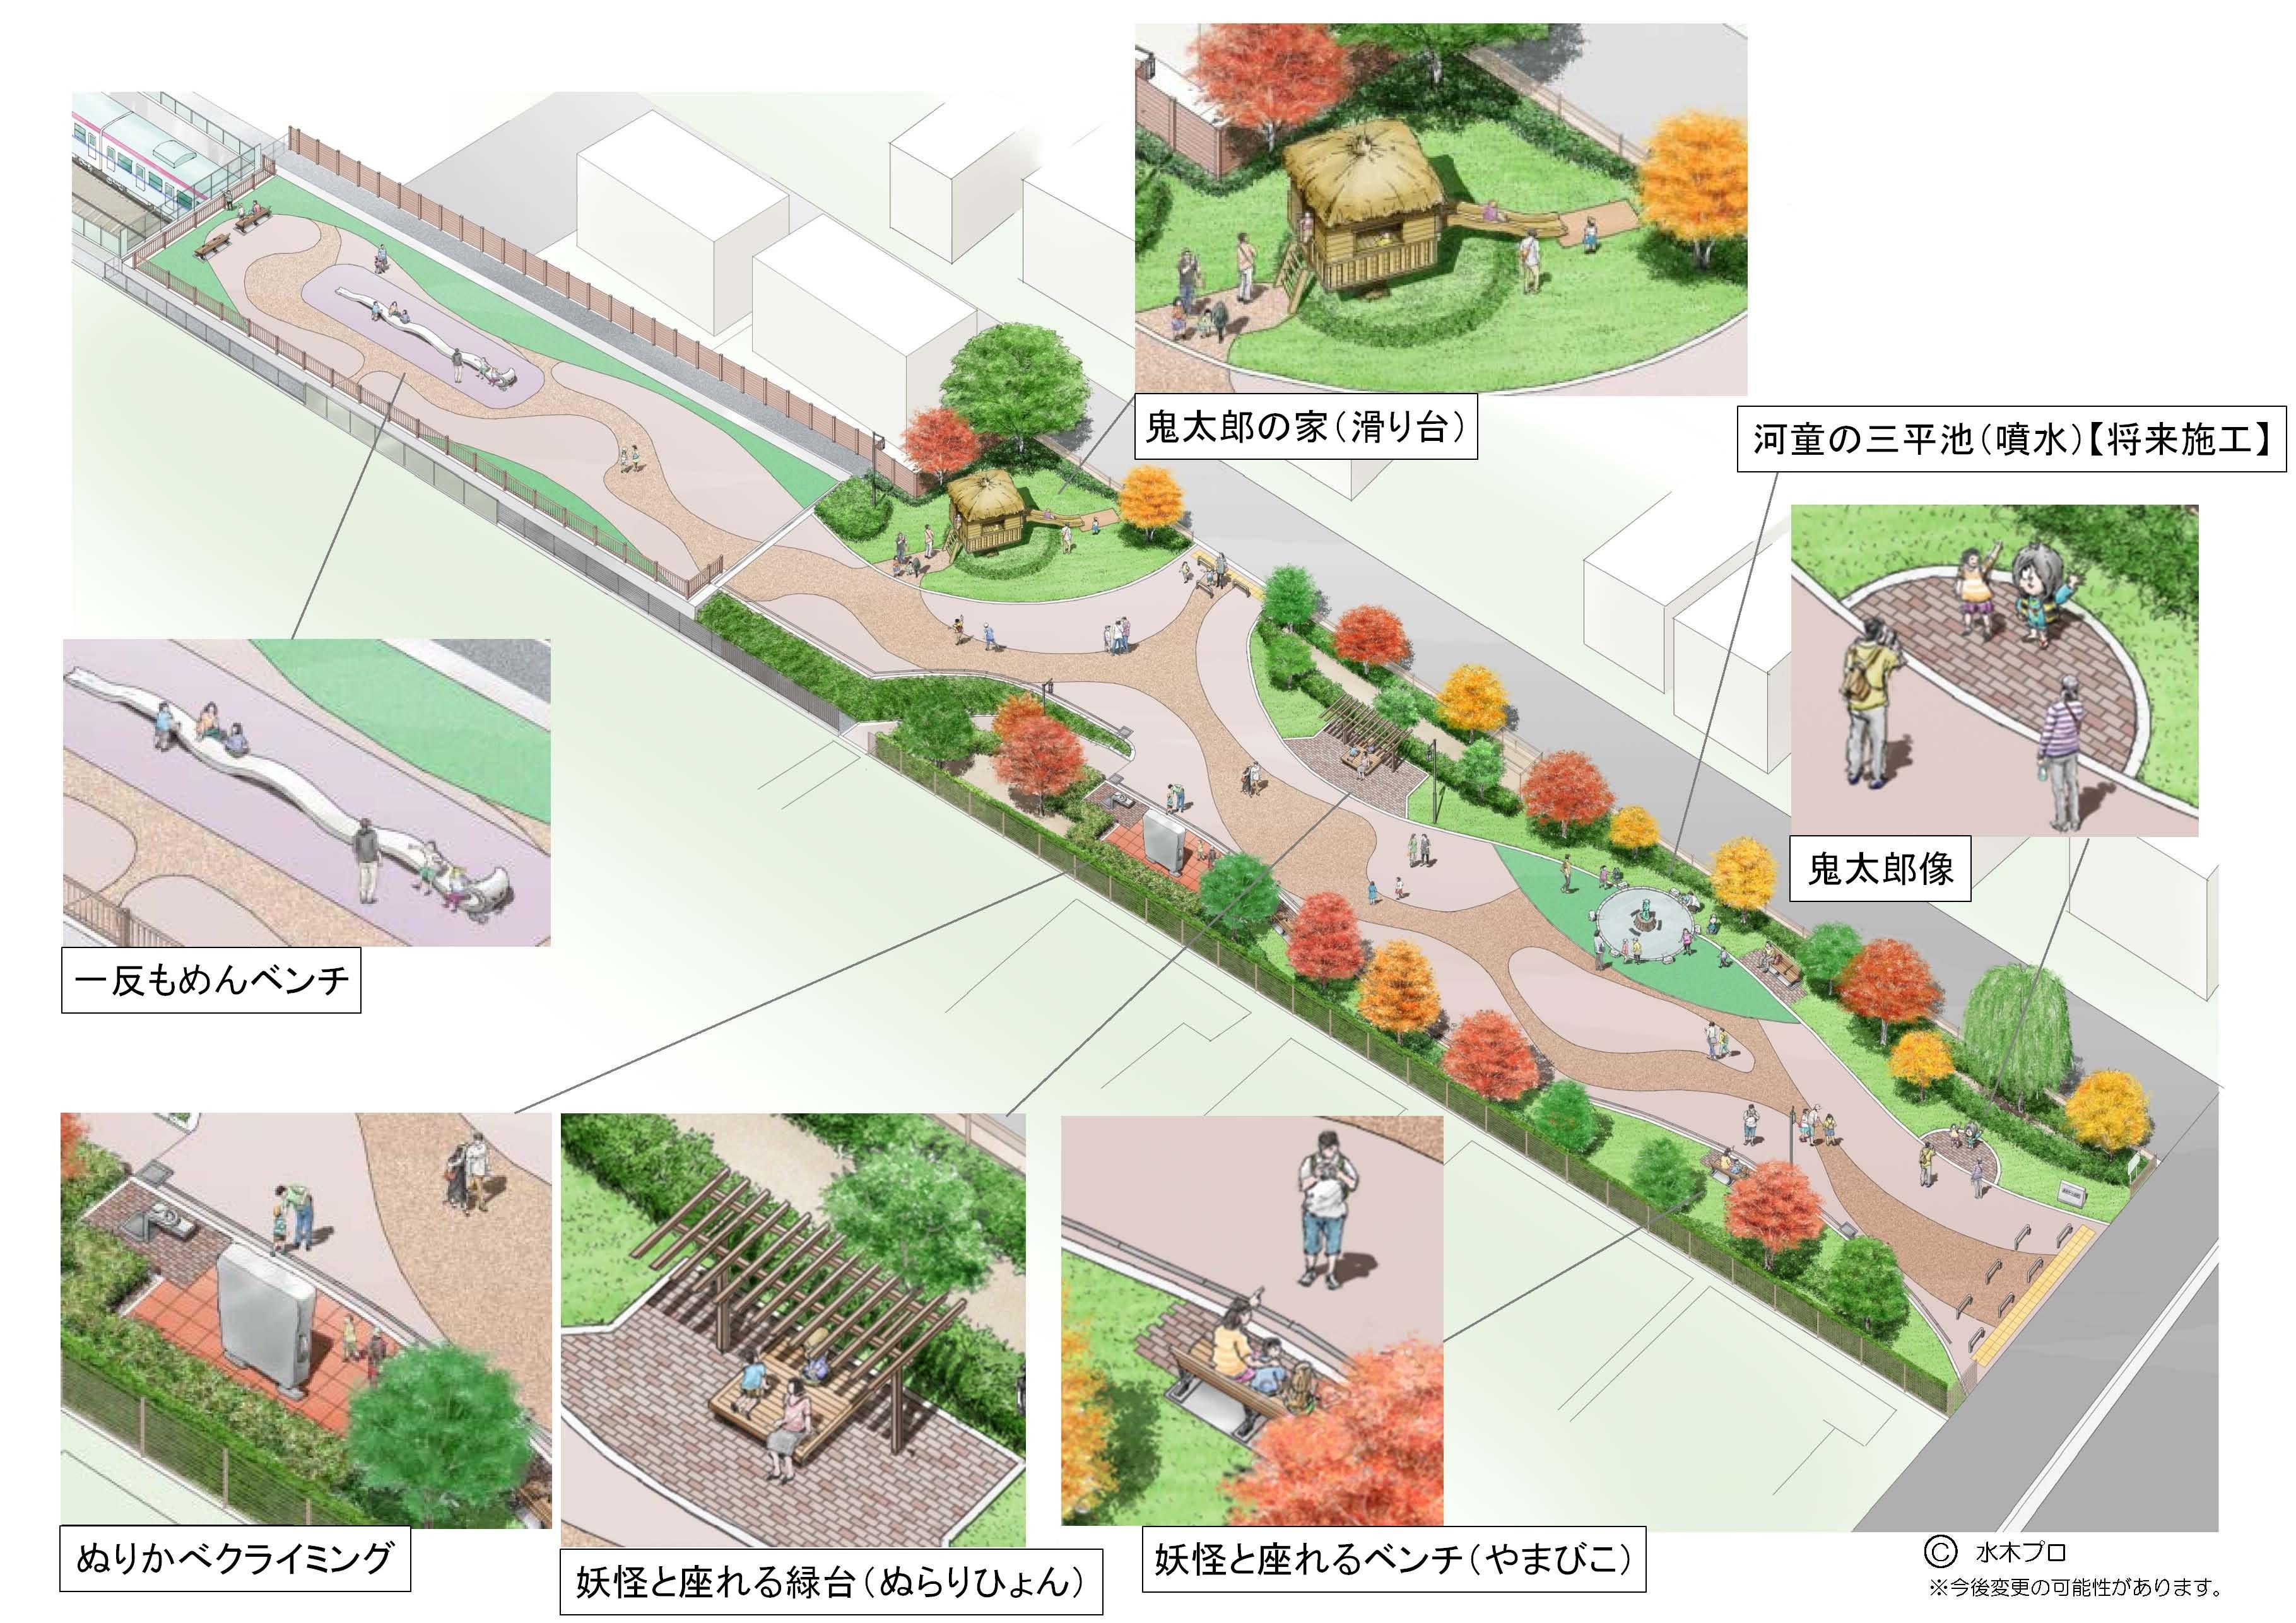 東京都調布市で「(仮称)鬼太郎ひろば」整備のためのクラウドファンディングを実施中